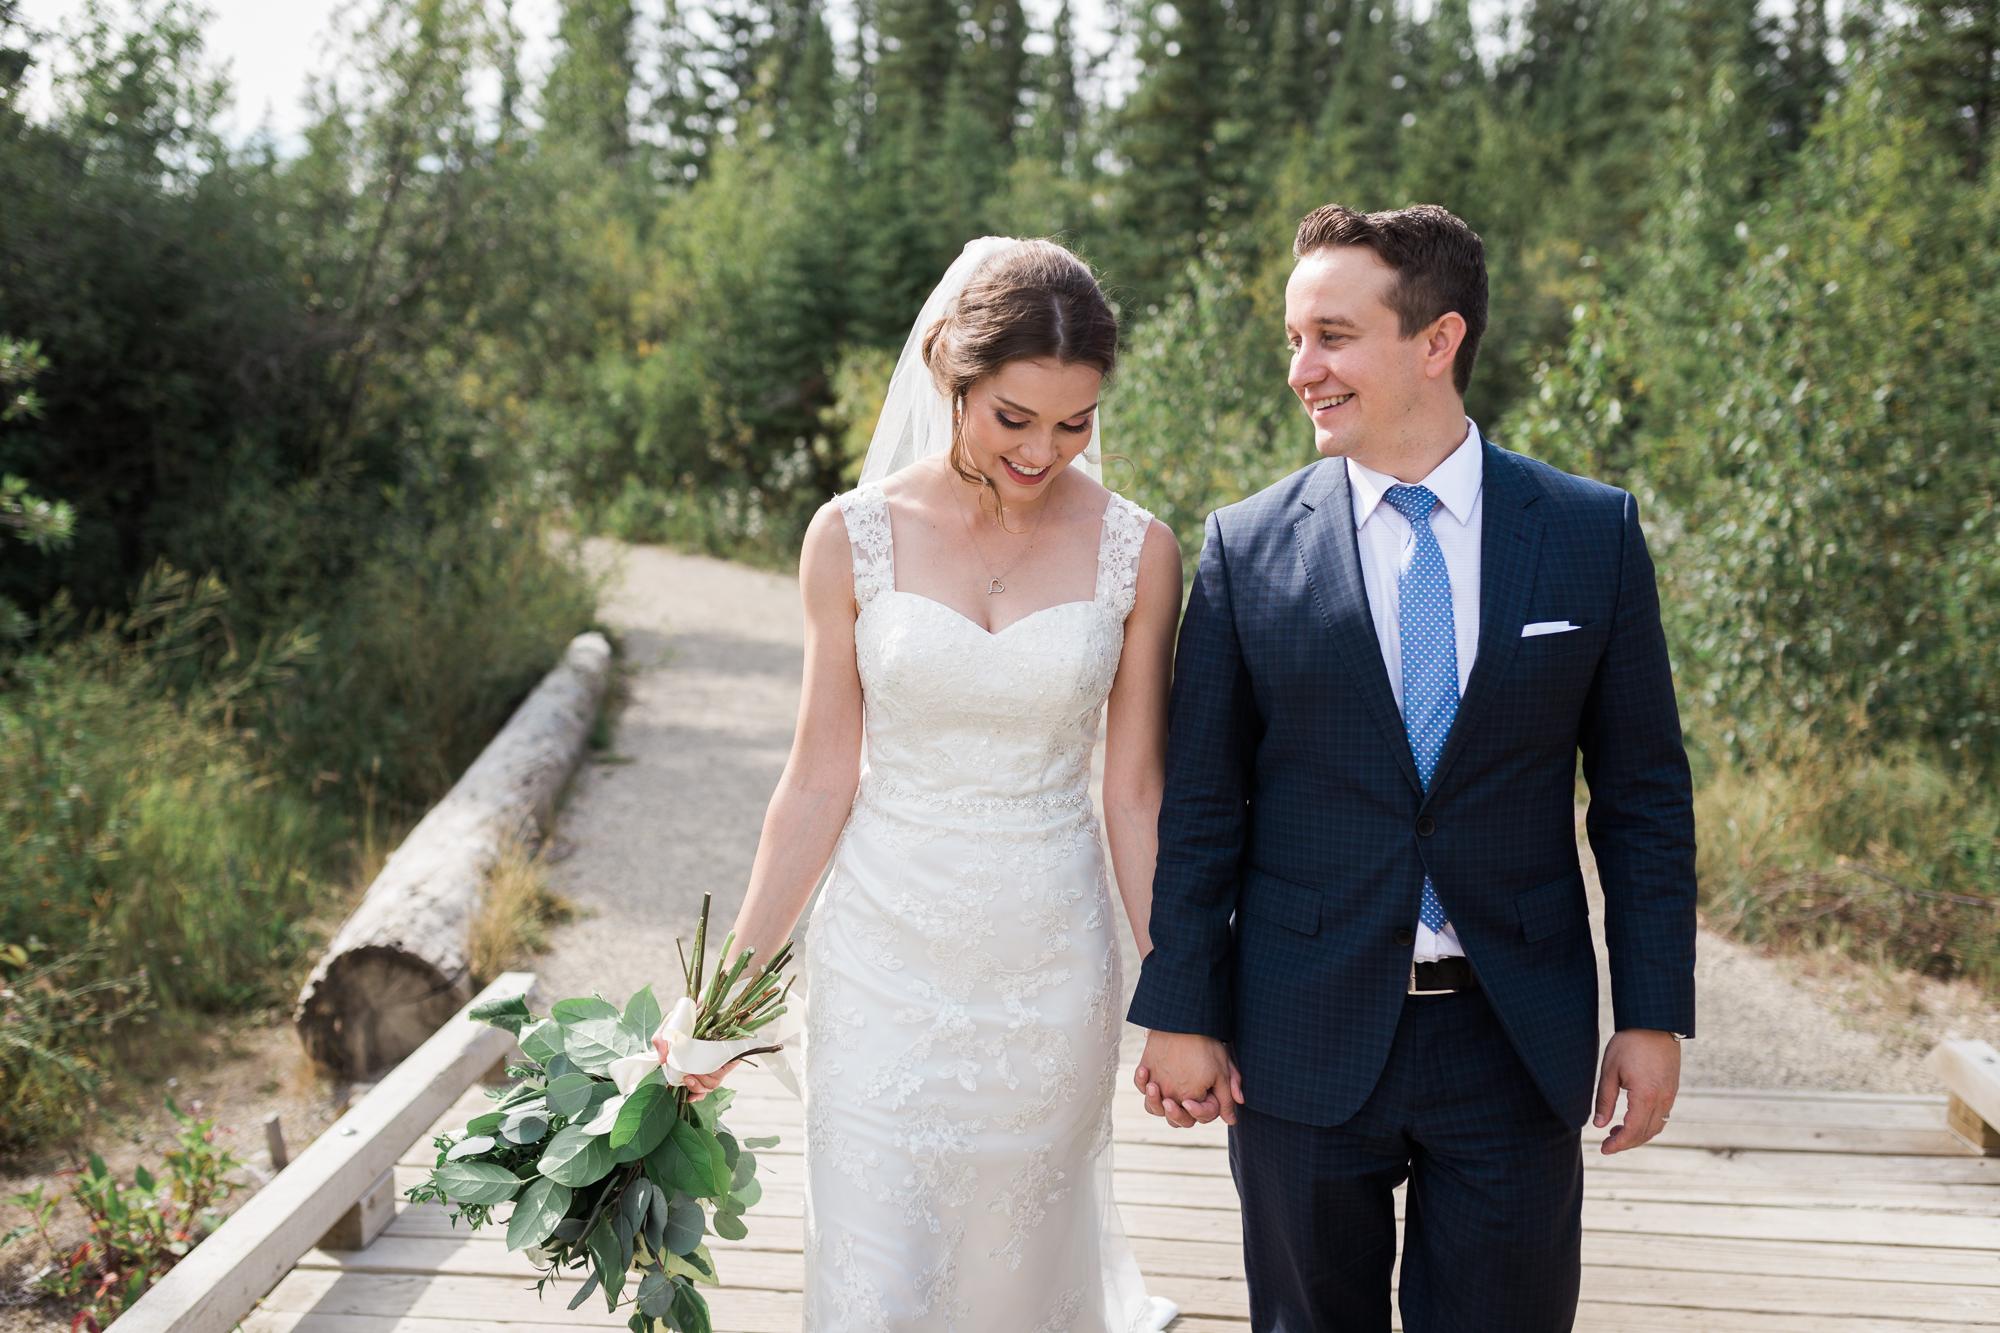 Deanna-Rachel-Photography-calgary-Wedding-photographer-jm-40.jpg